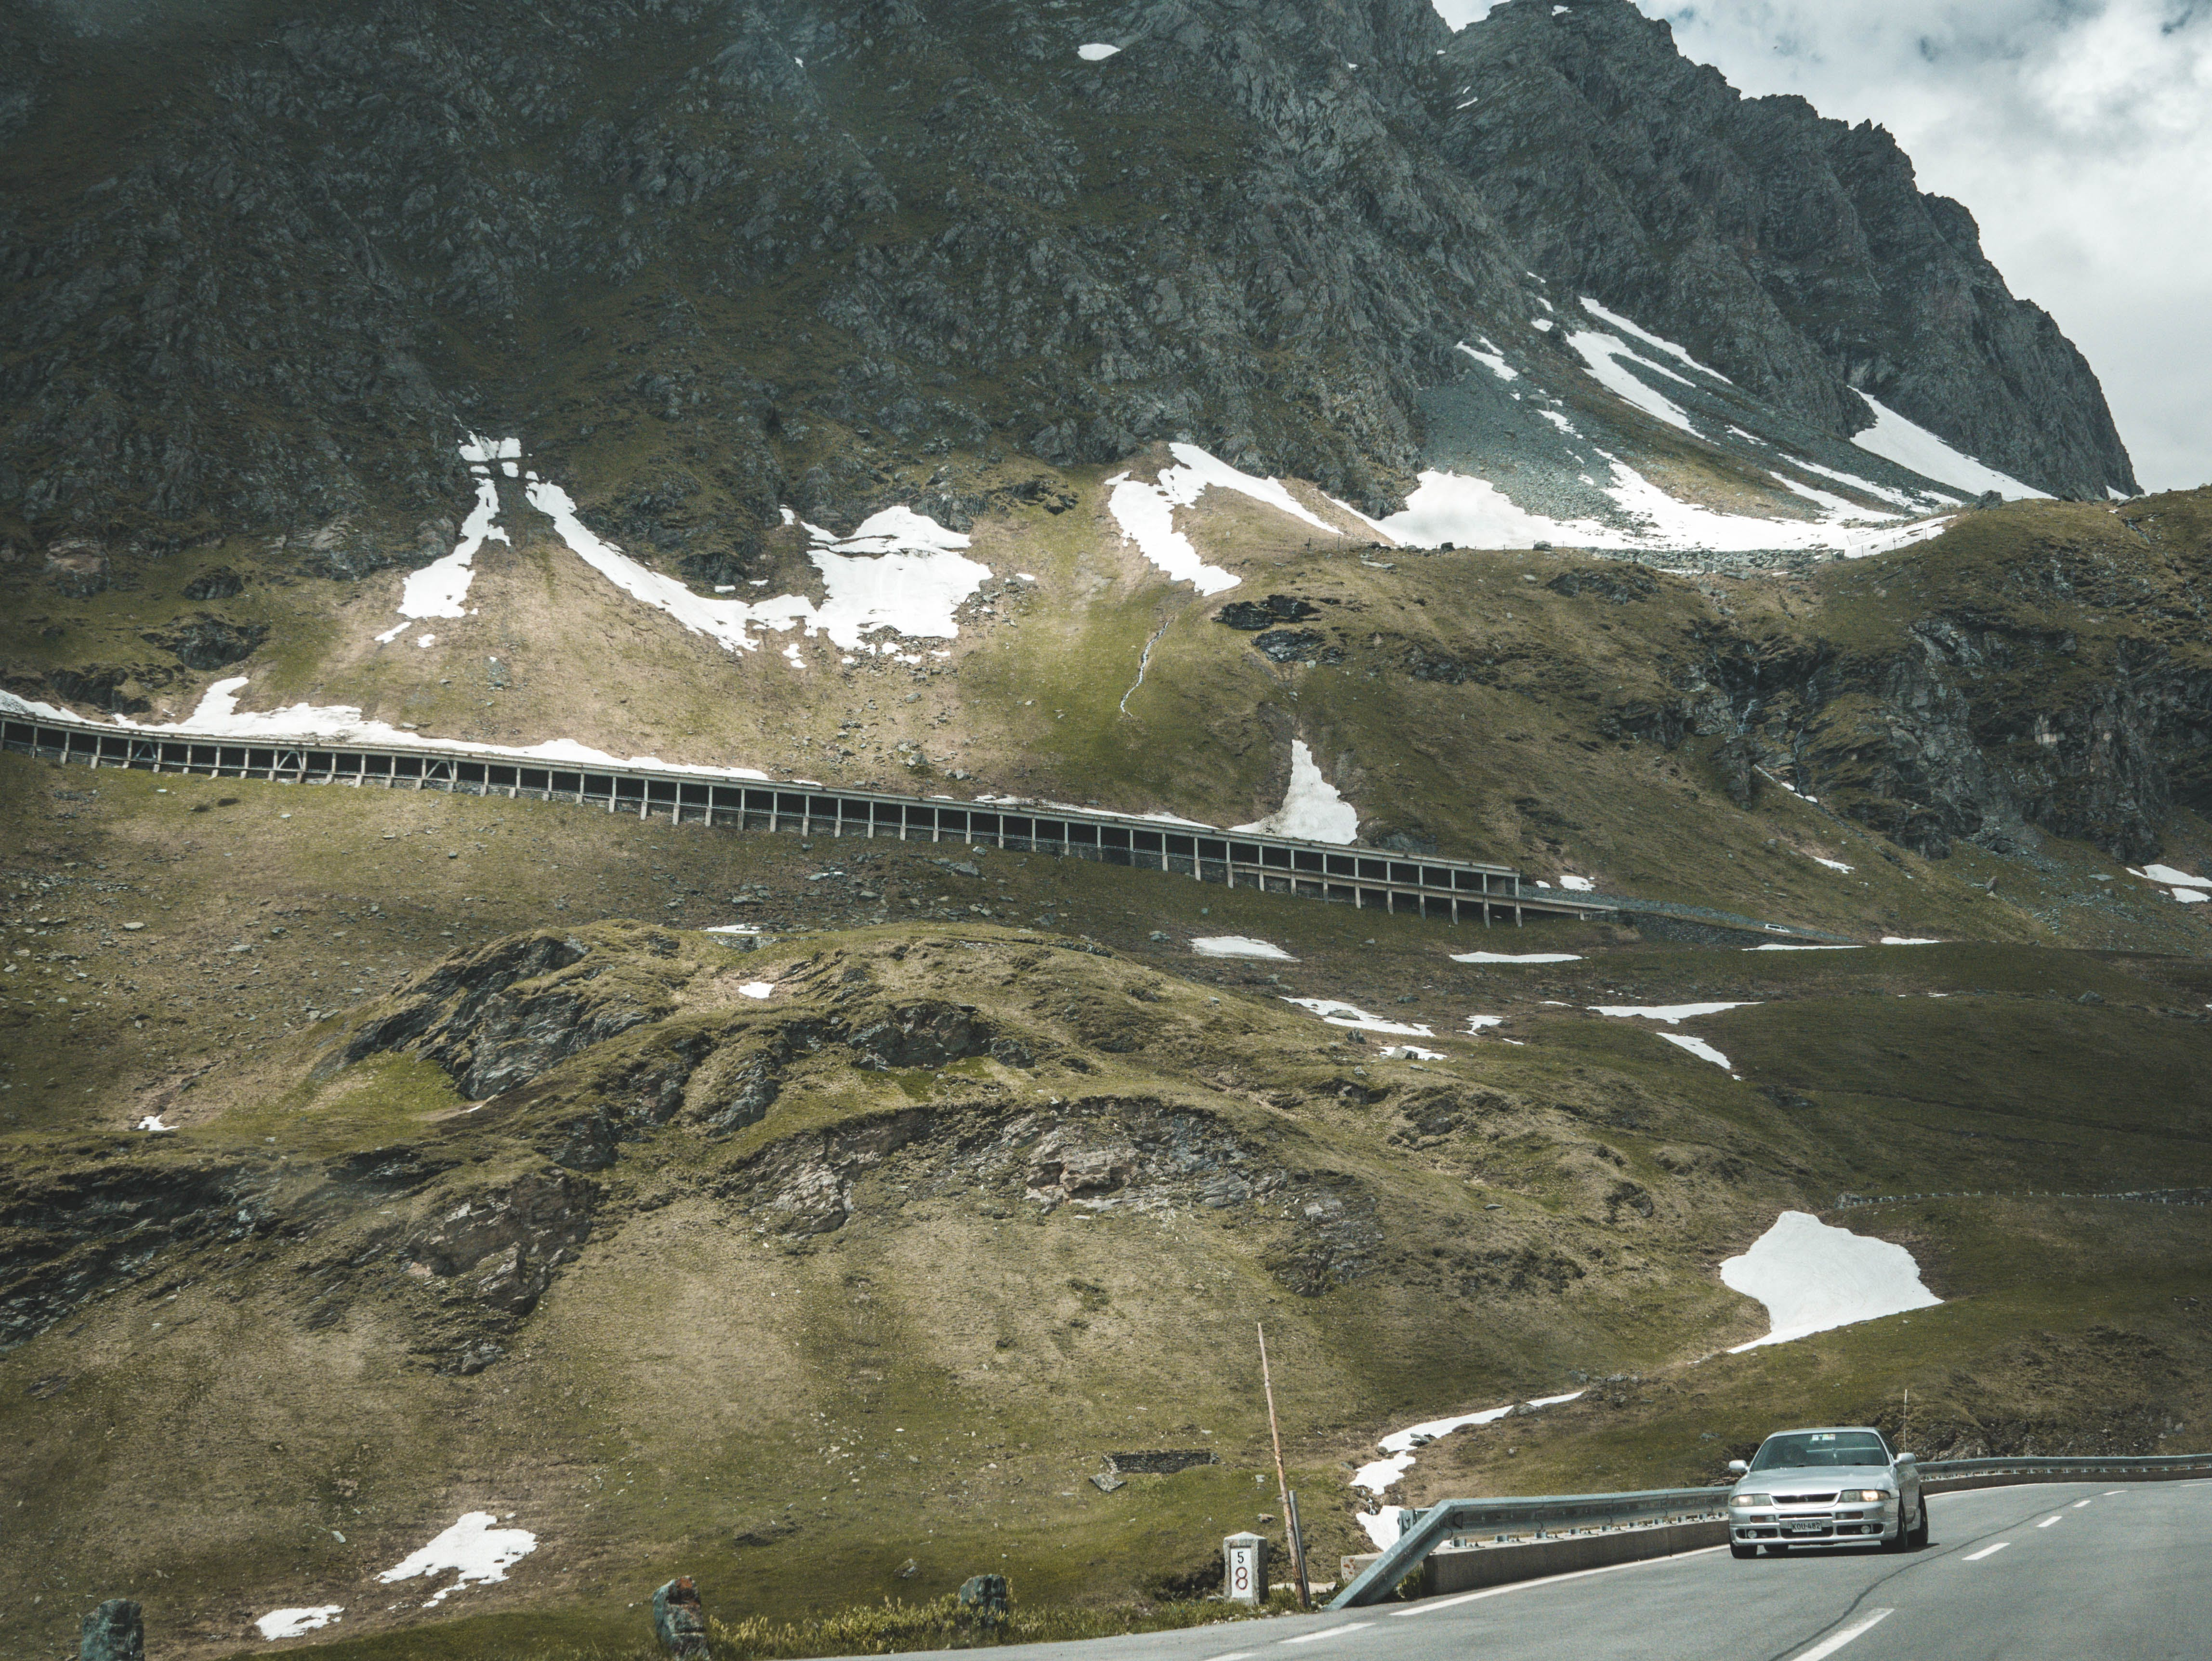 Δωρεάν στοκ φωτογραφιών με αλπικός, Αυστρία, αυτοκίνητο, βουνό